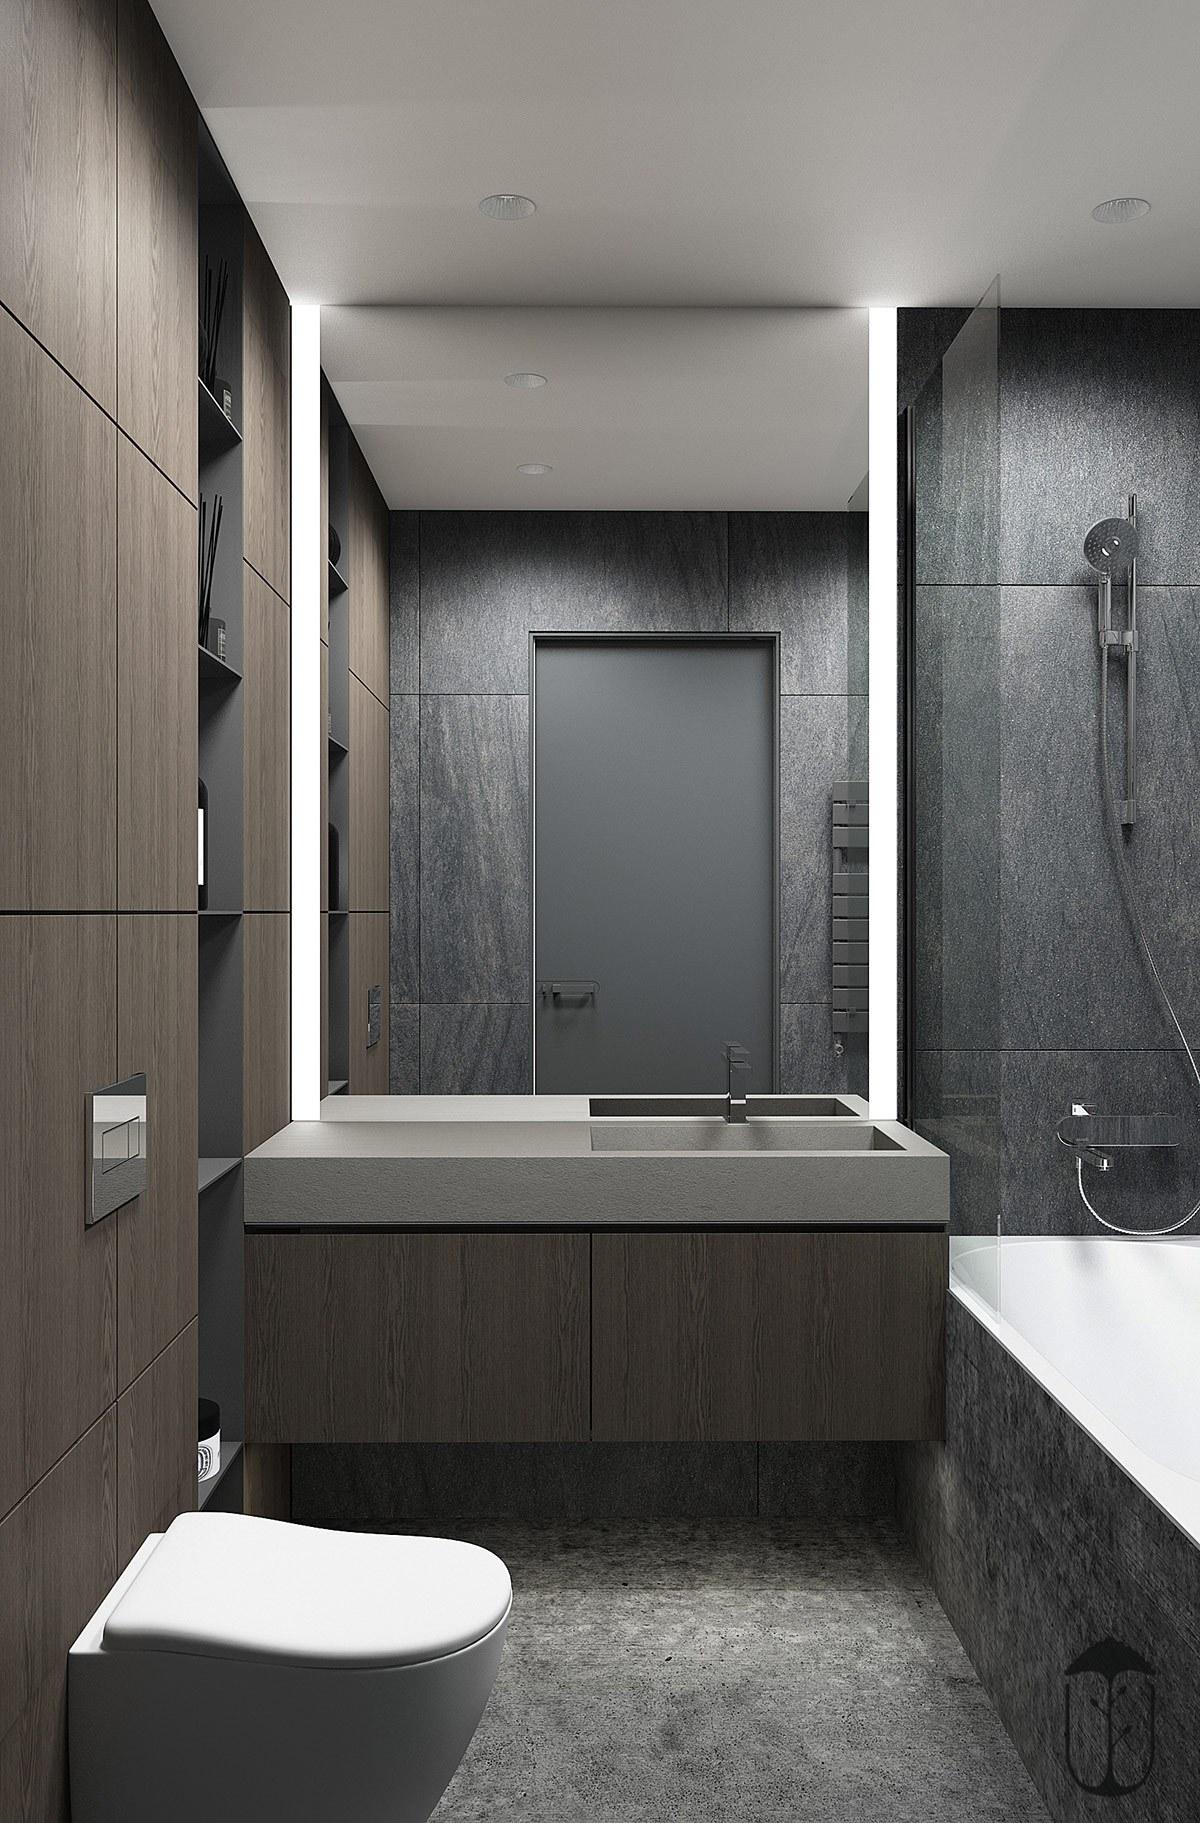 thiết kế nội thất phòng vệ sinh nhà chung cư